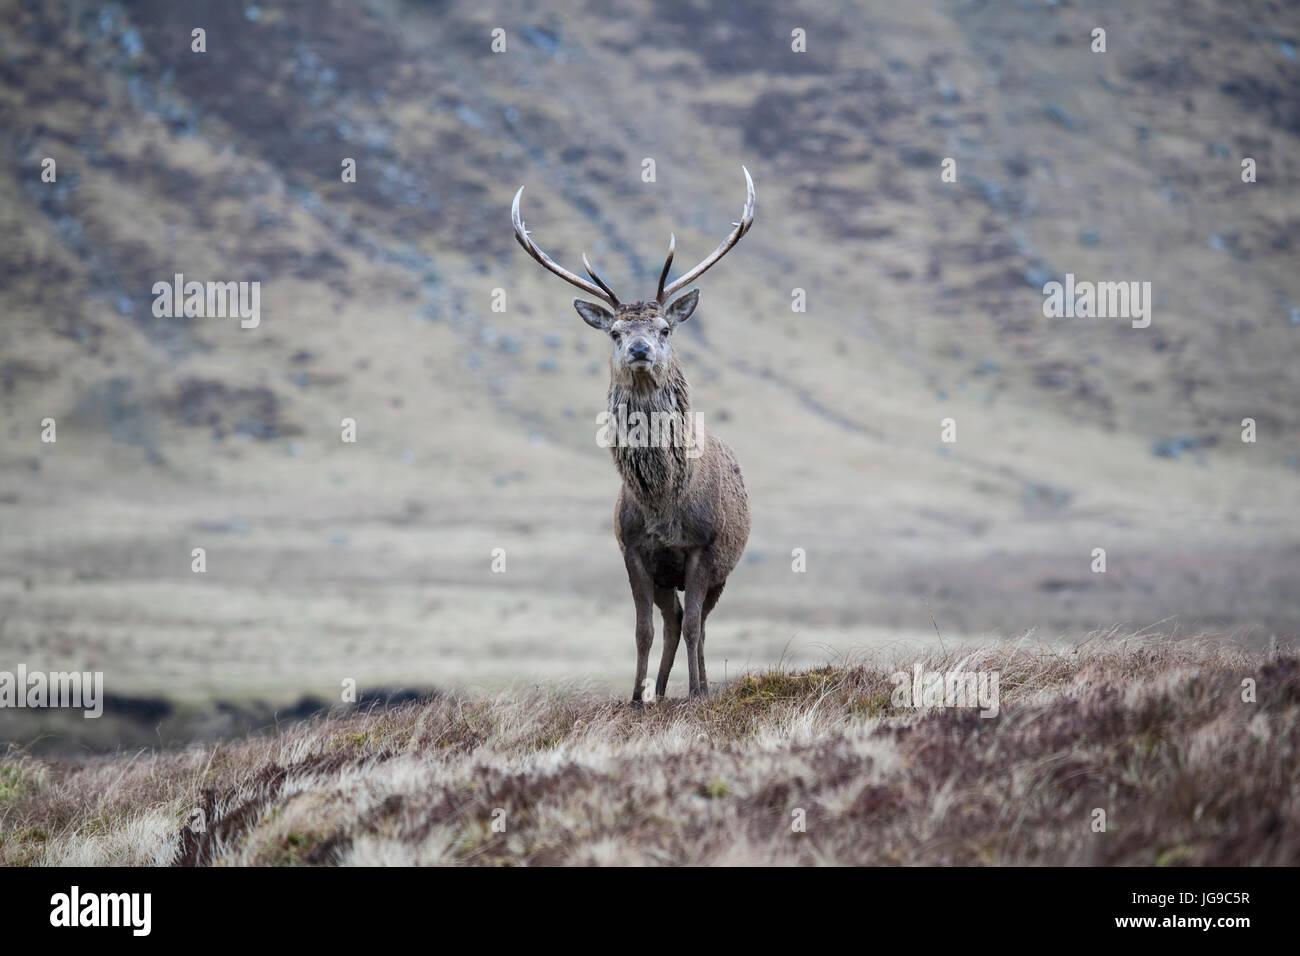 Single Red Deer (Cervus elaphus) in a Scottish landscape - Stock Image